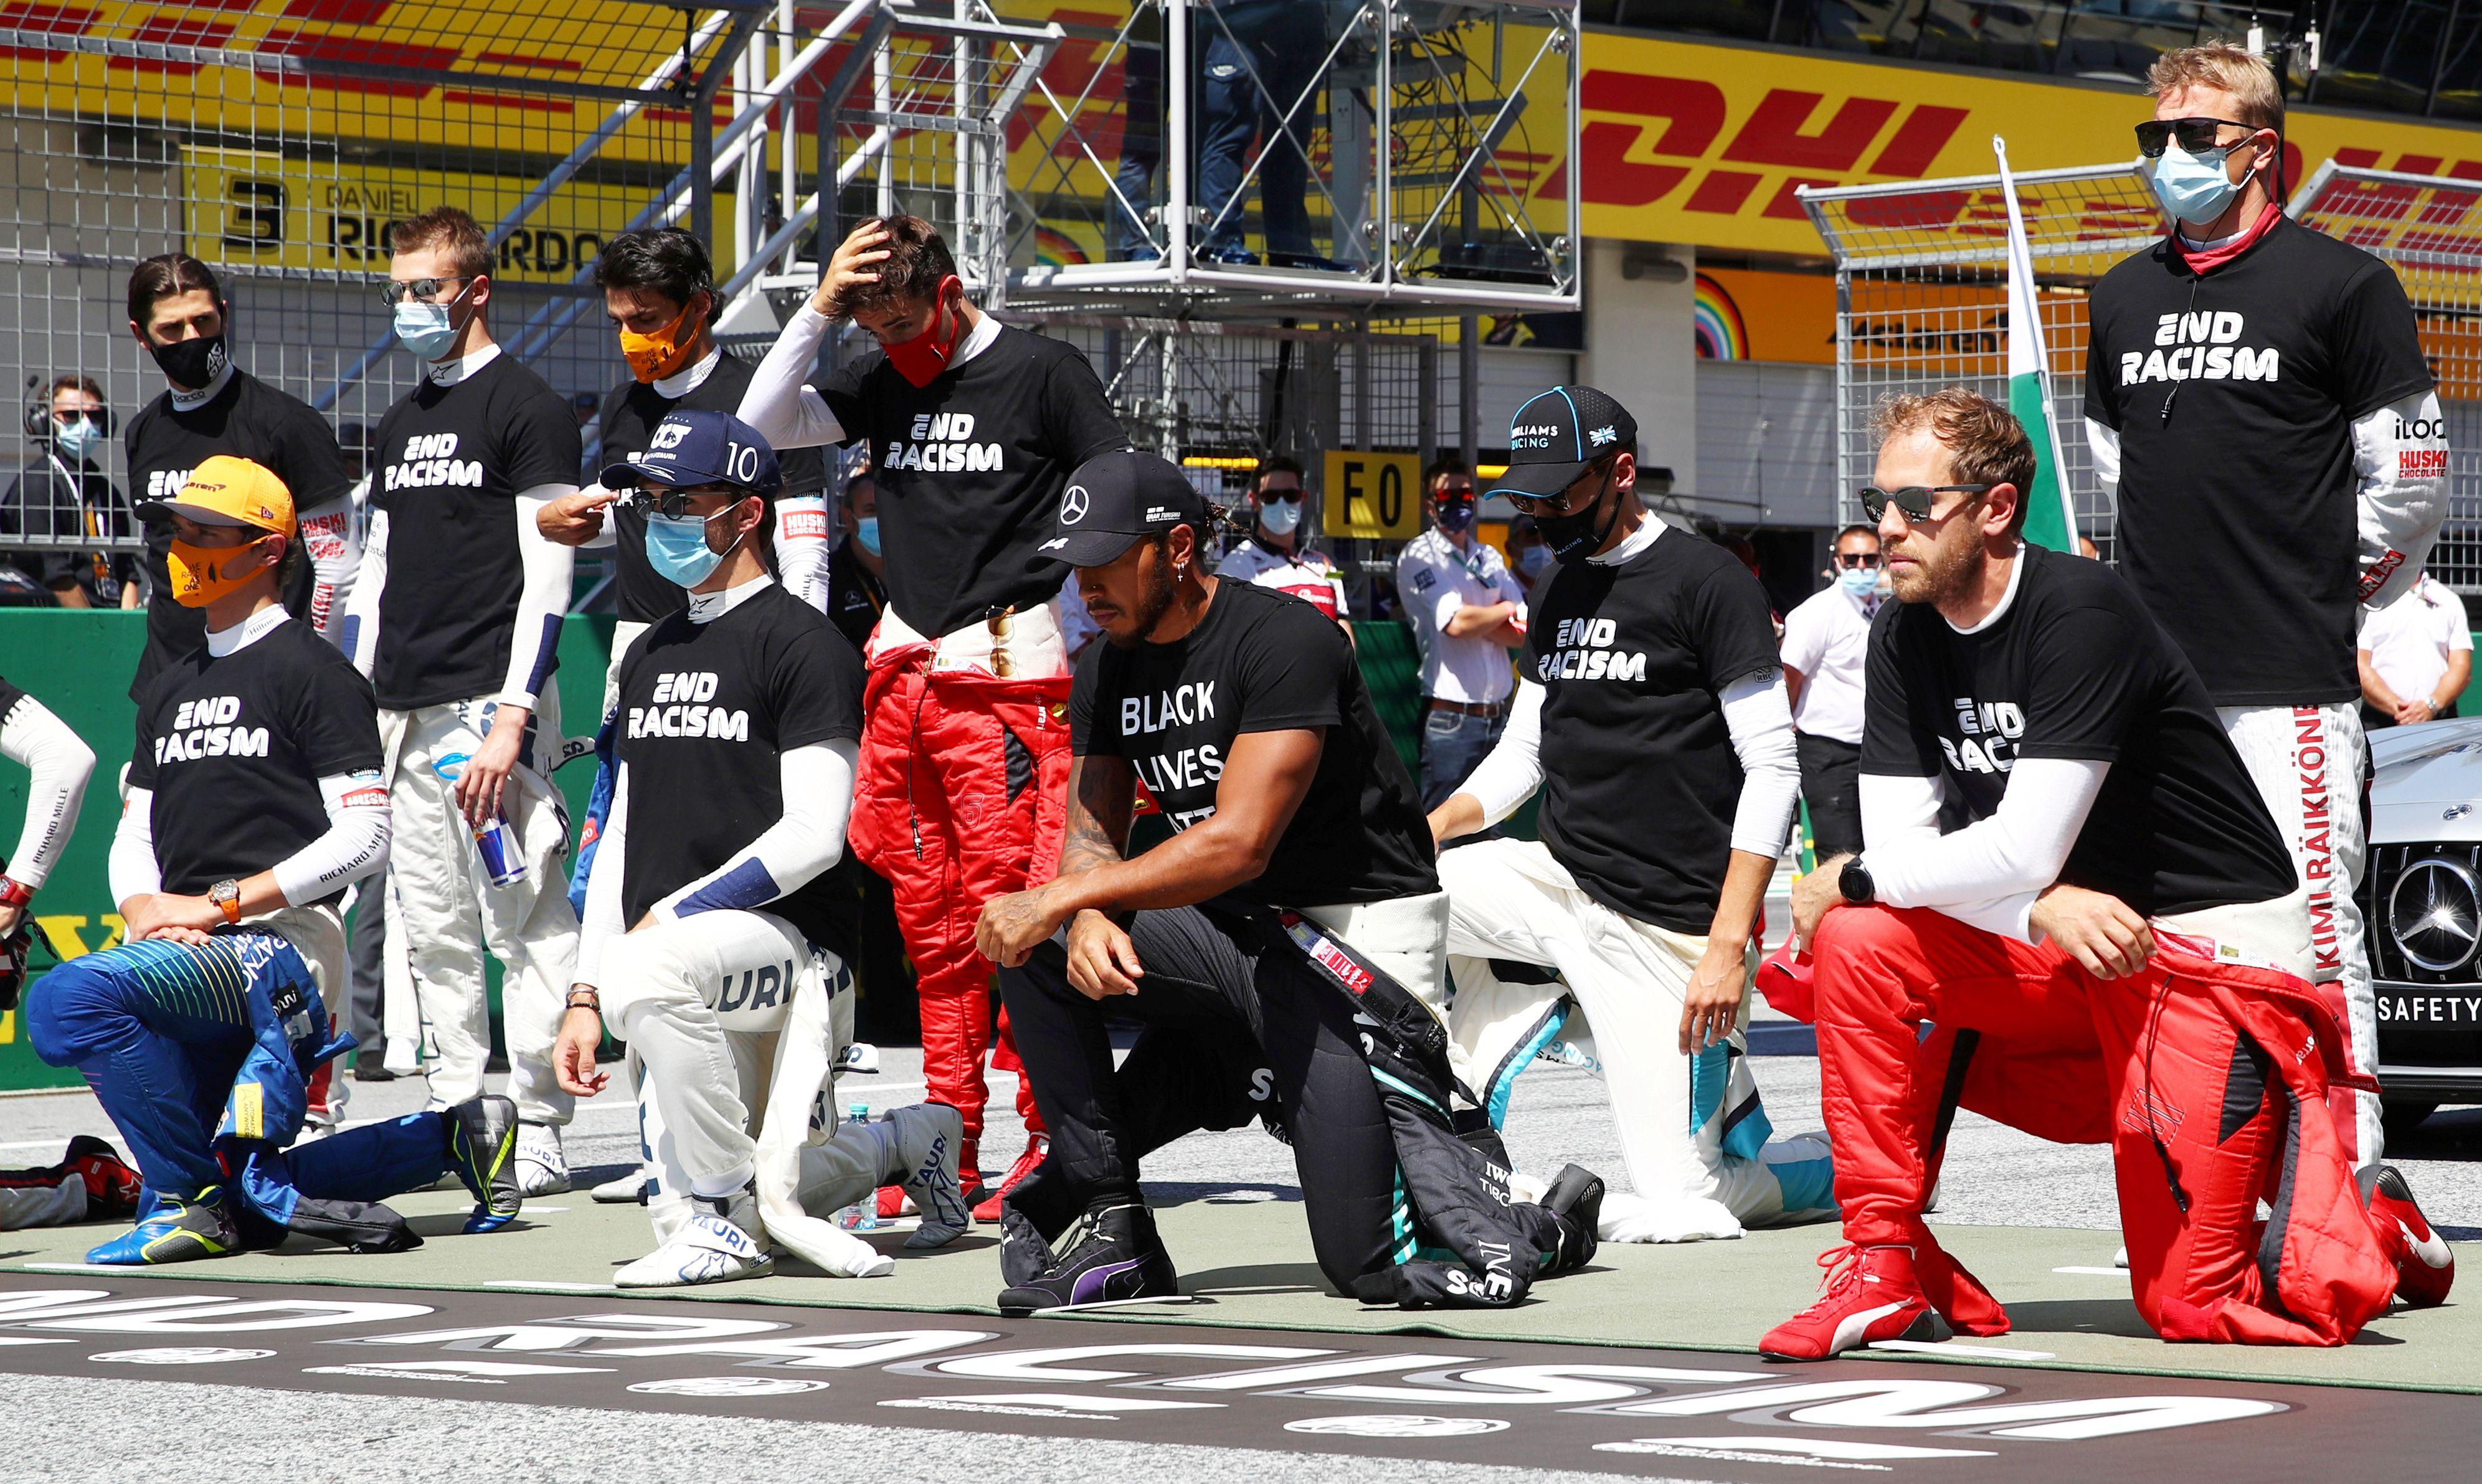 Seis pilotos se negaron a arrodillarse en la previa de la carrera (Mark Thompson/Pool via REUTERS)